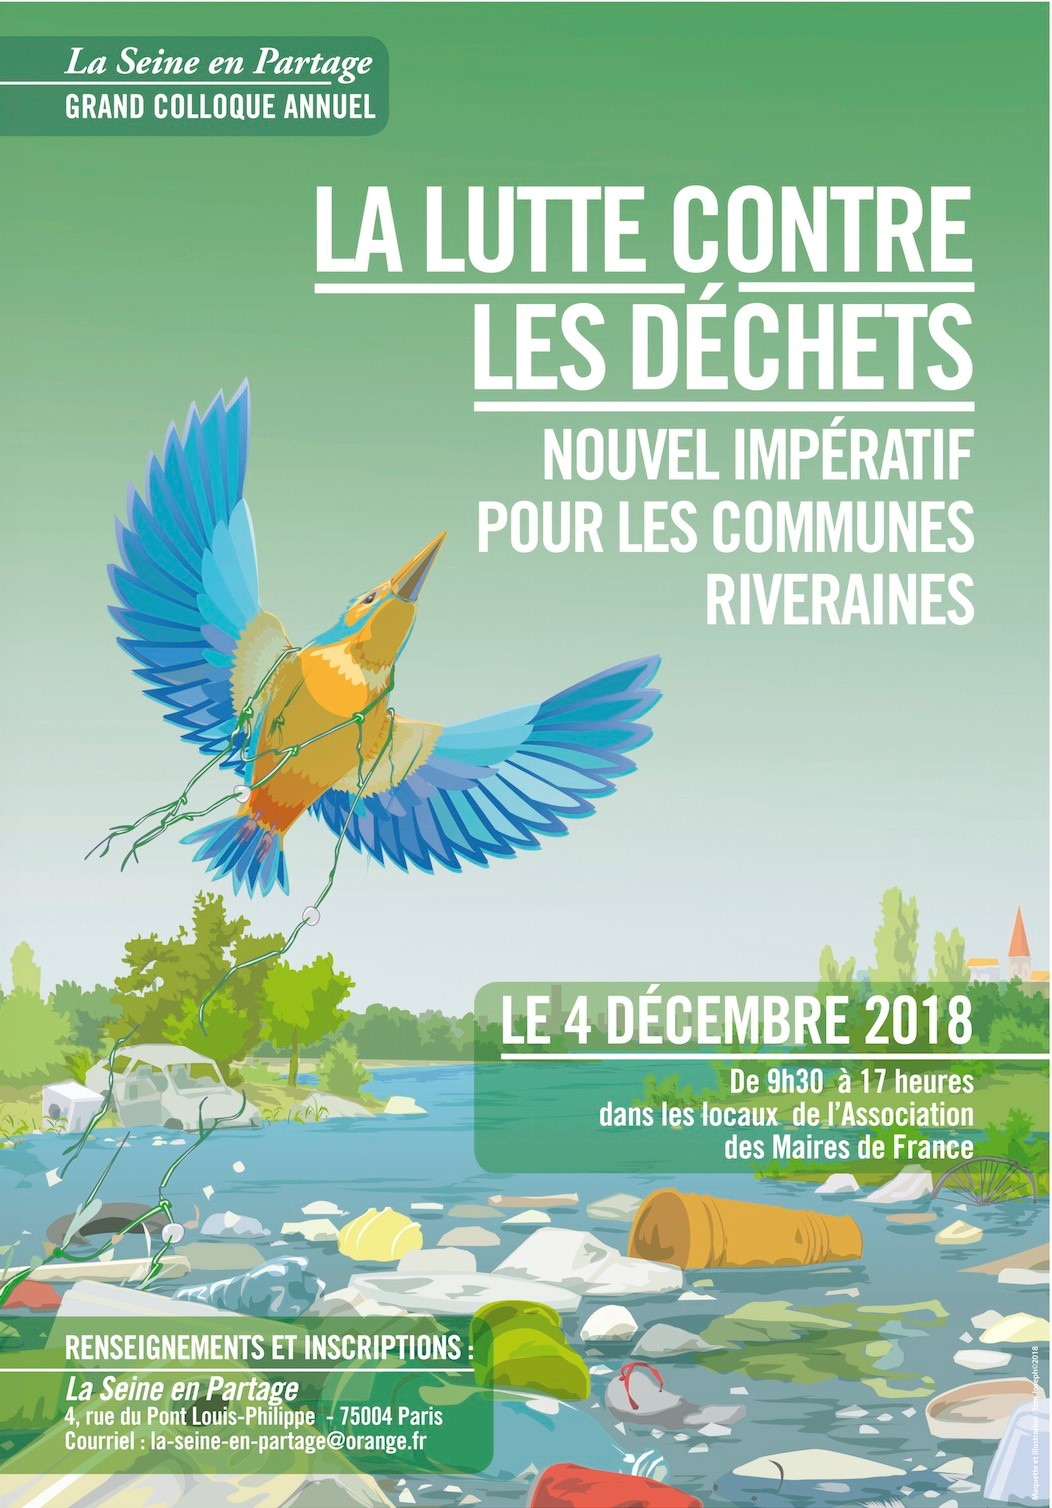 Colloque 2018 de Seine en Partage et ses Affluents